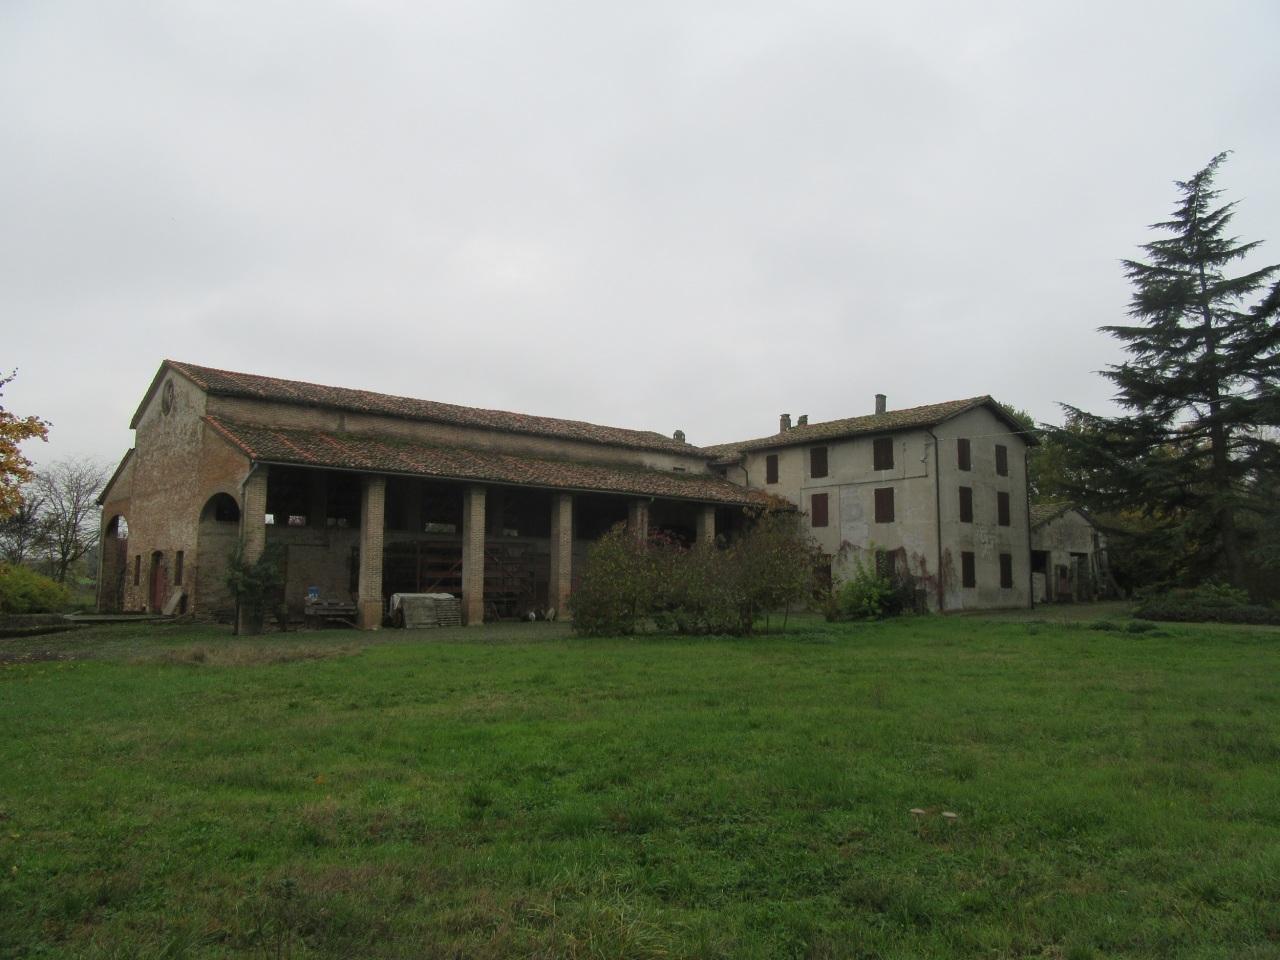 Rustico / Casale in vendita a Noceto, 9999 locali, prezzo € 135.000 | Cambio Casa.it